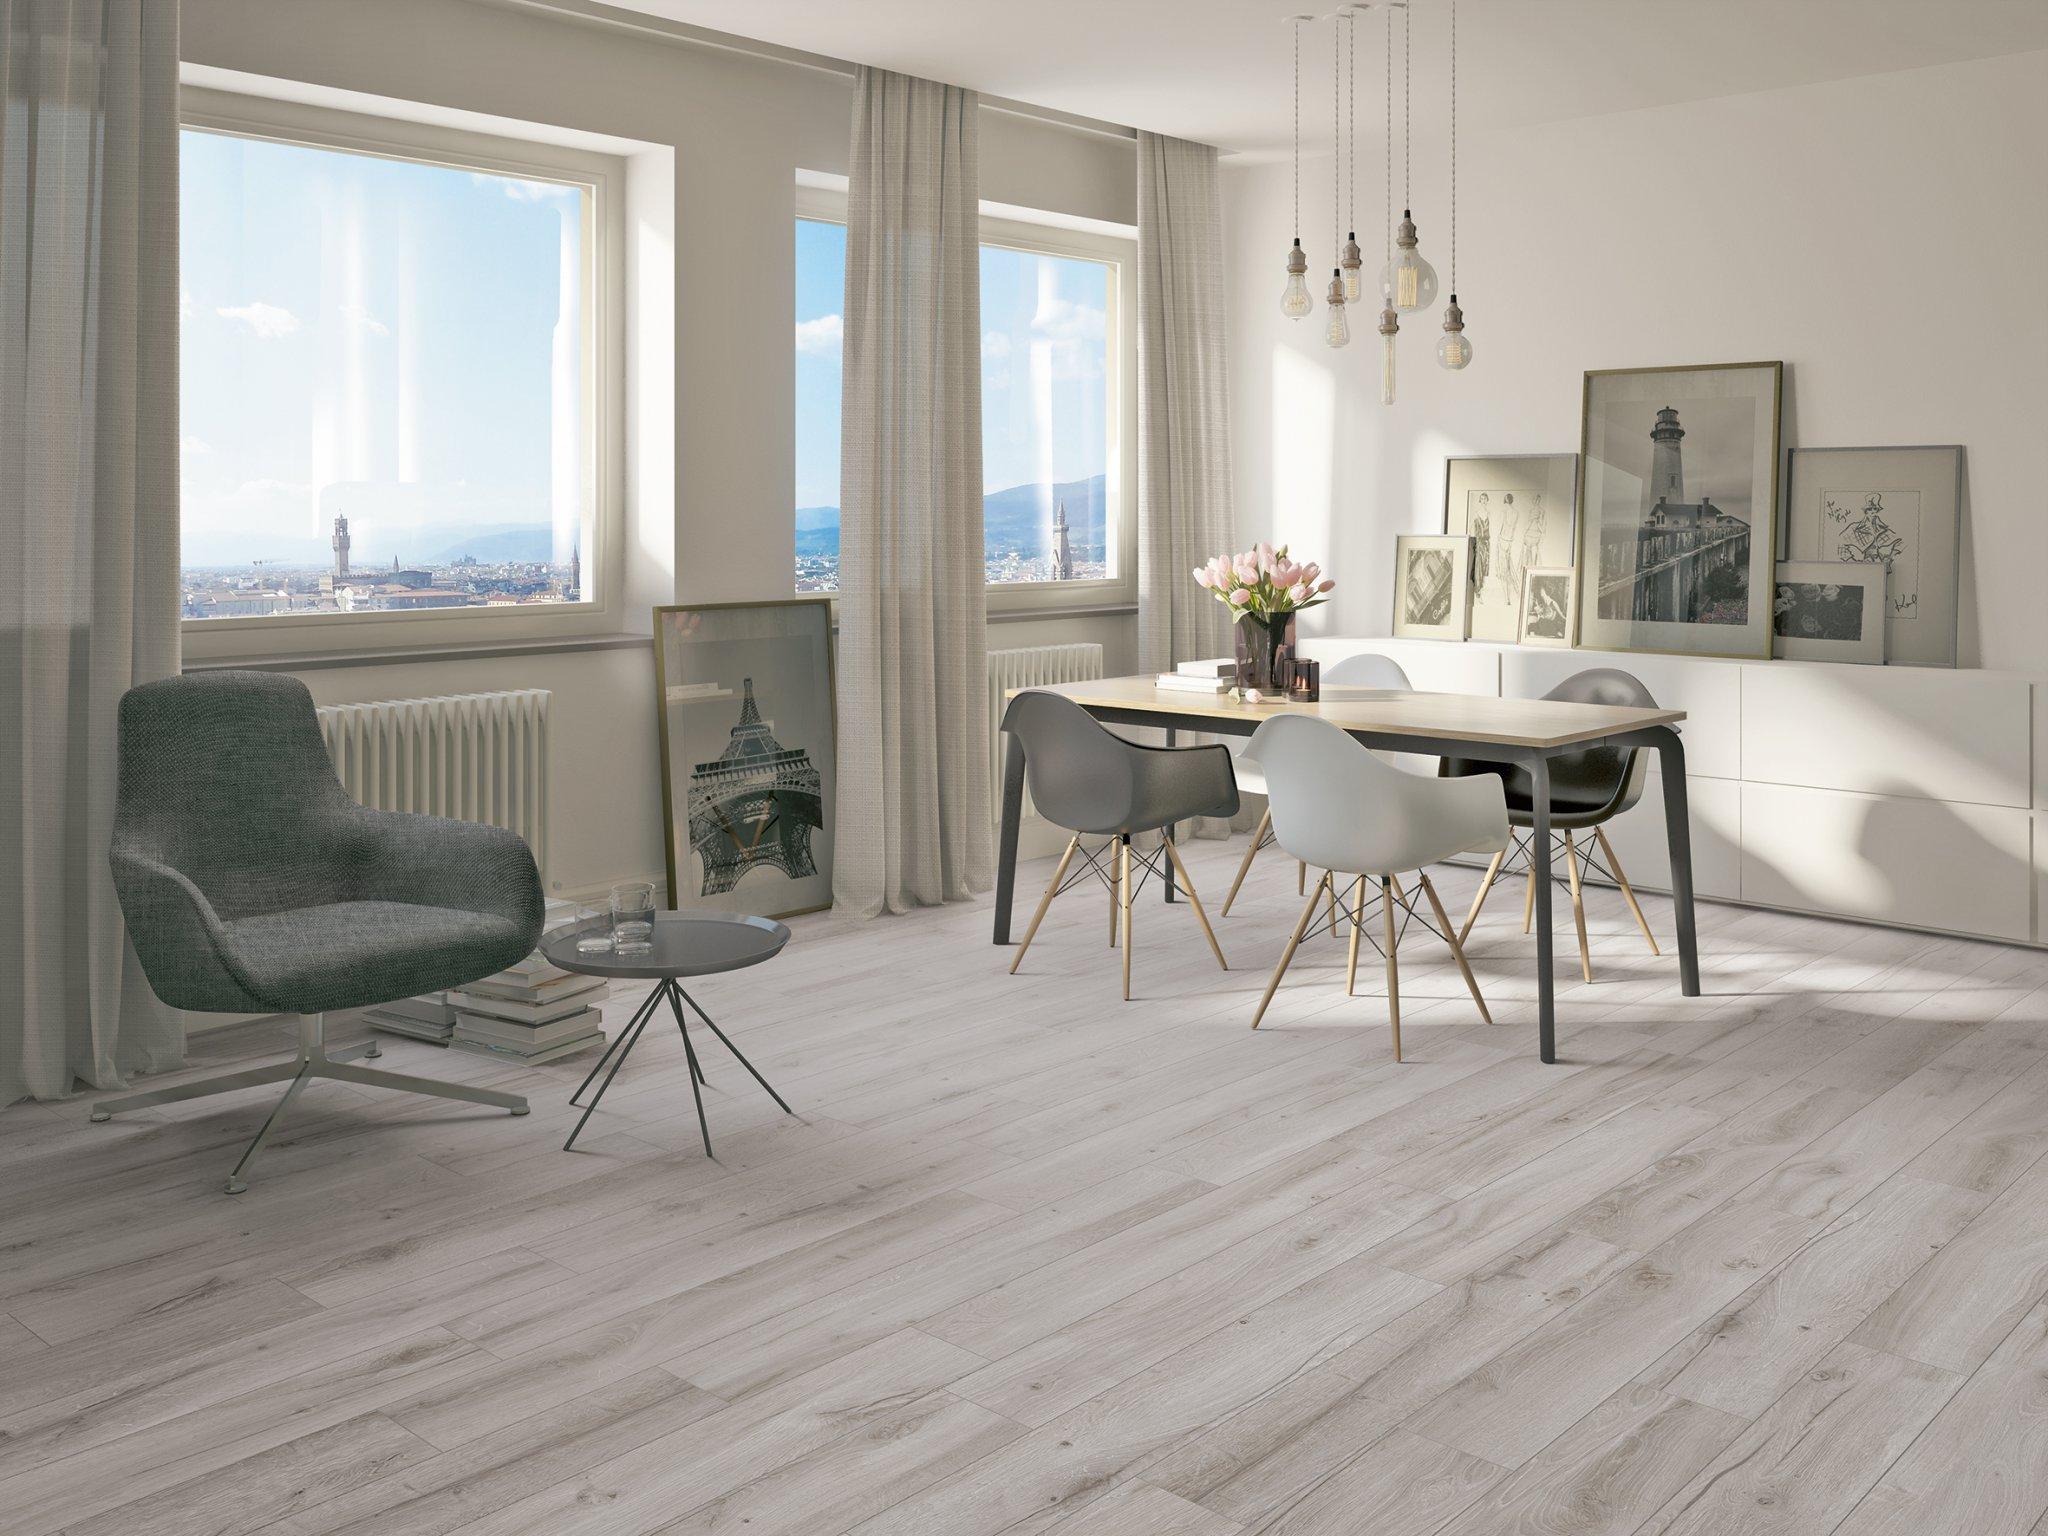 Piastrelle Effetto Legno Tortora : Serie briccola pavimenti e rivestimenti armonie ceramiche